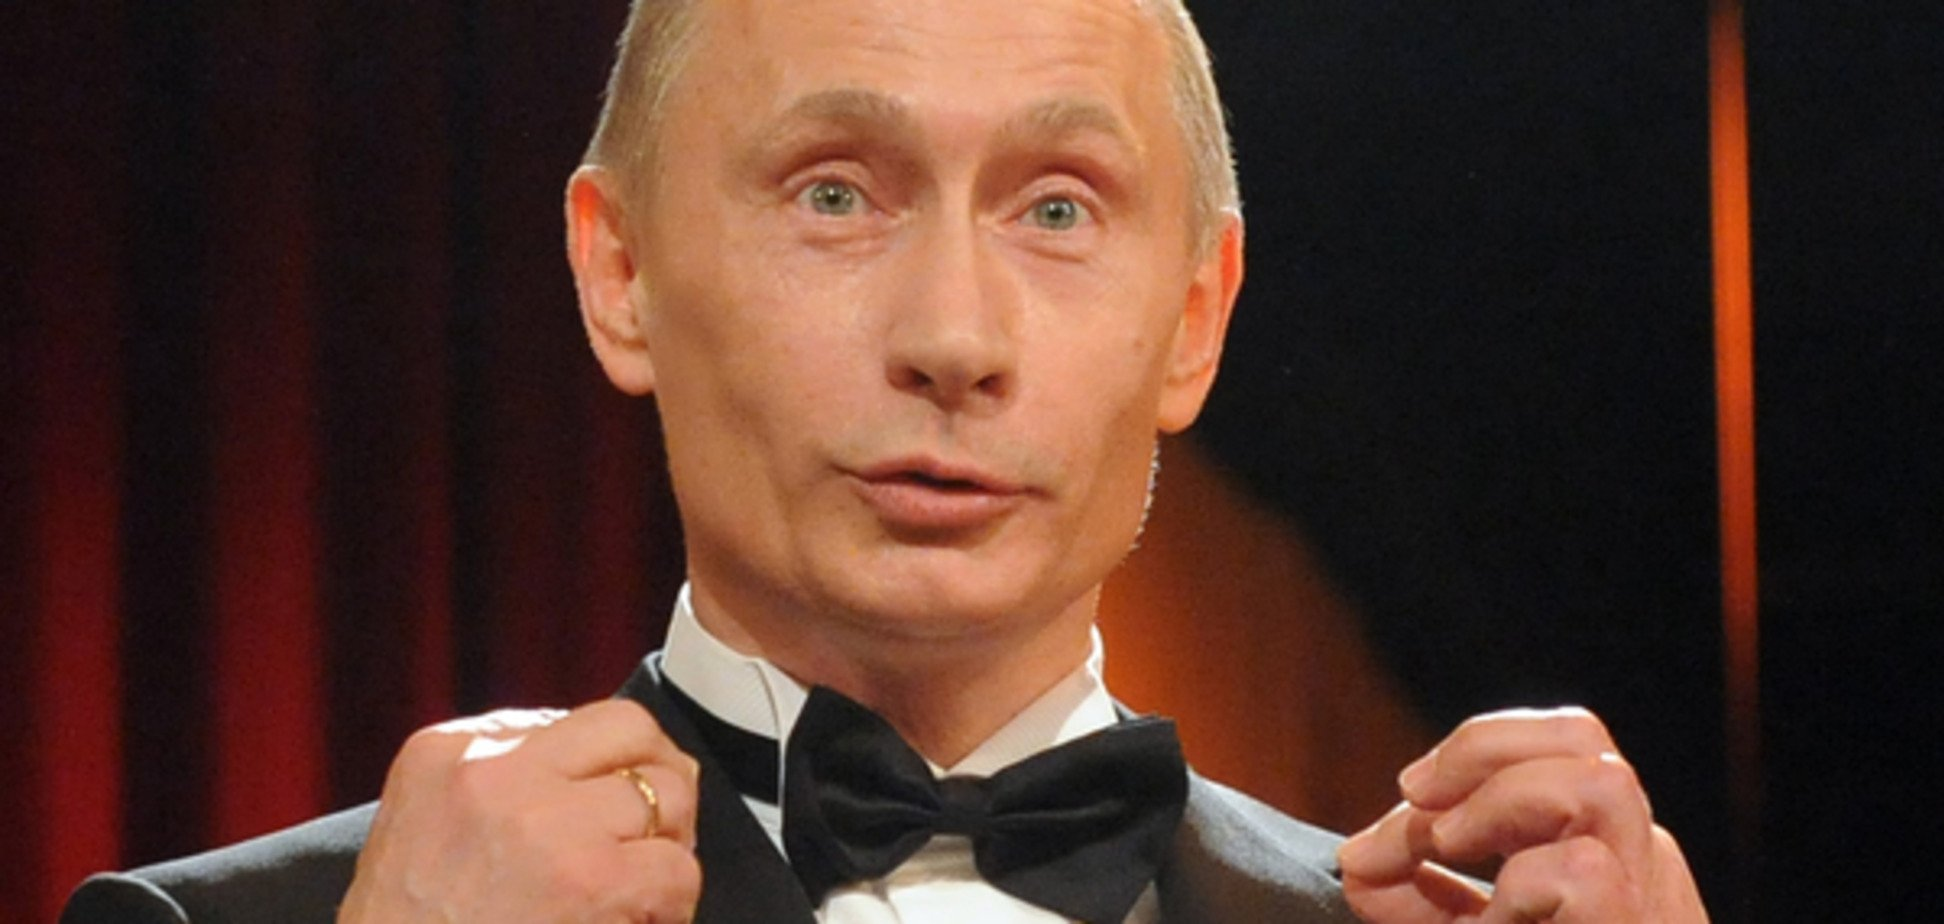 Ось це поворот: у Путіна з'явився кращий друг серед лідерів Європи